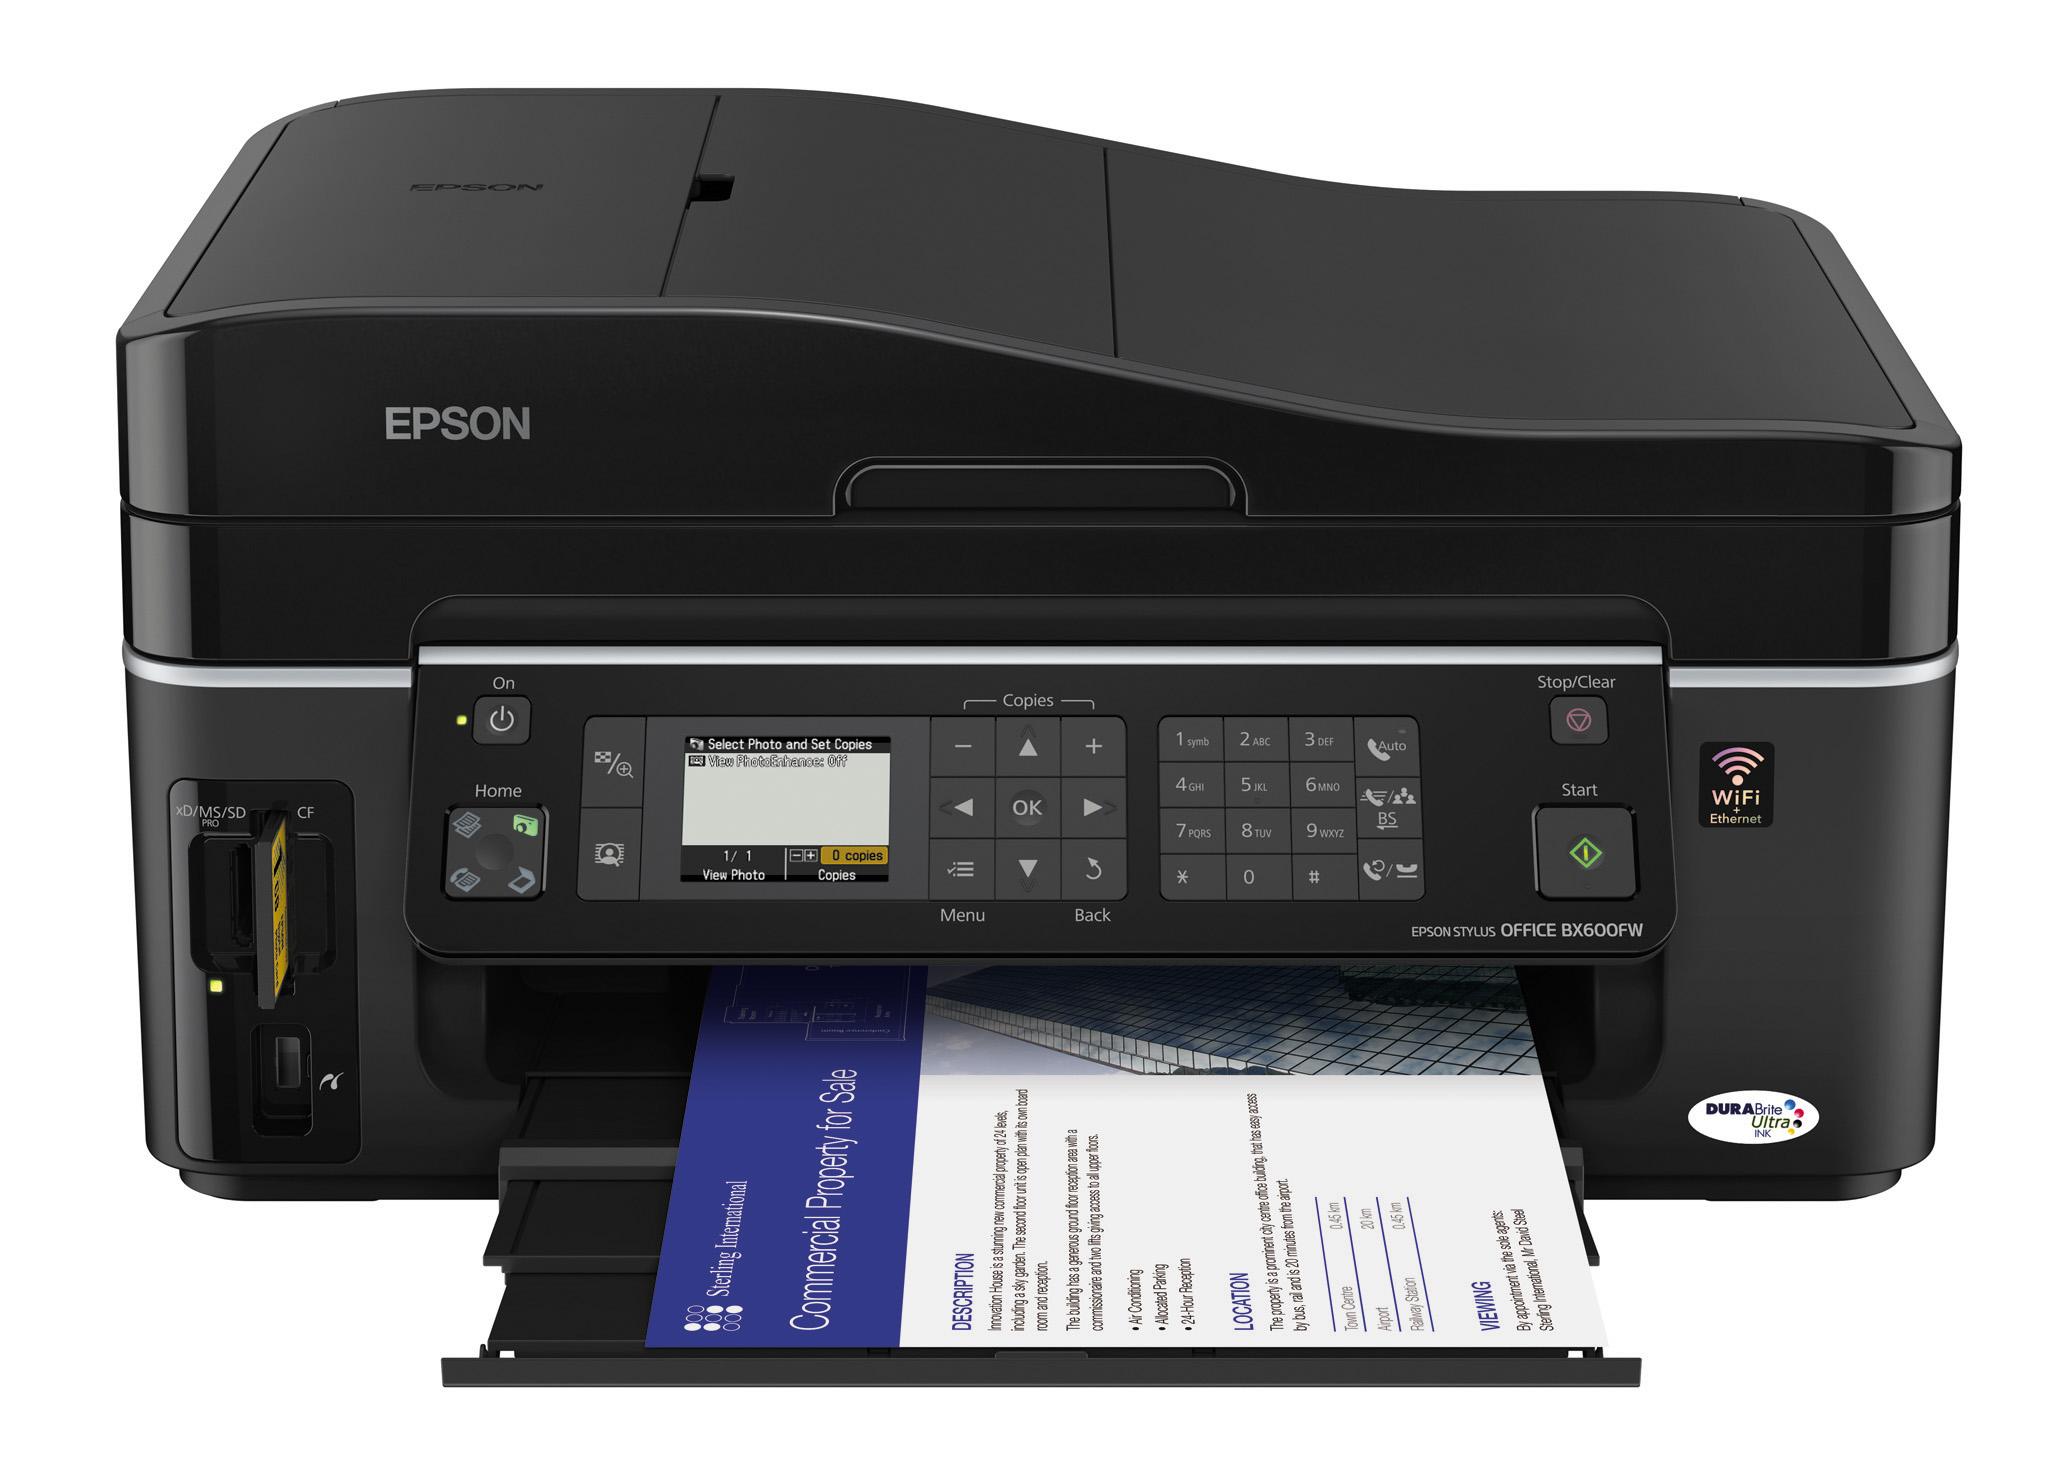 Epson Stylus BX600FW